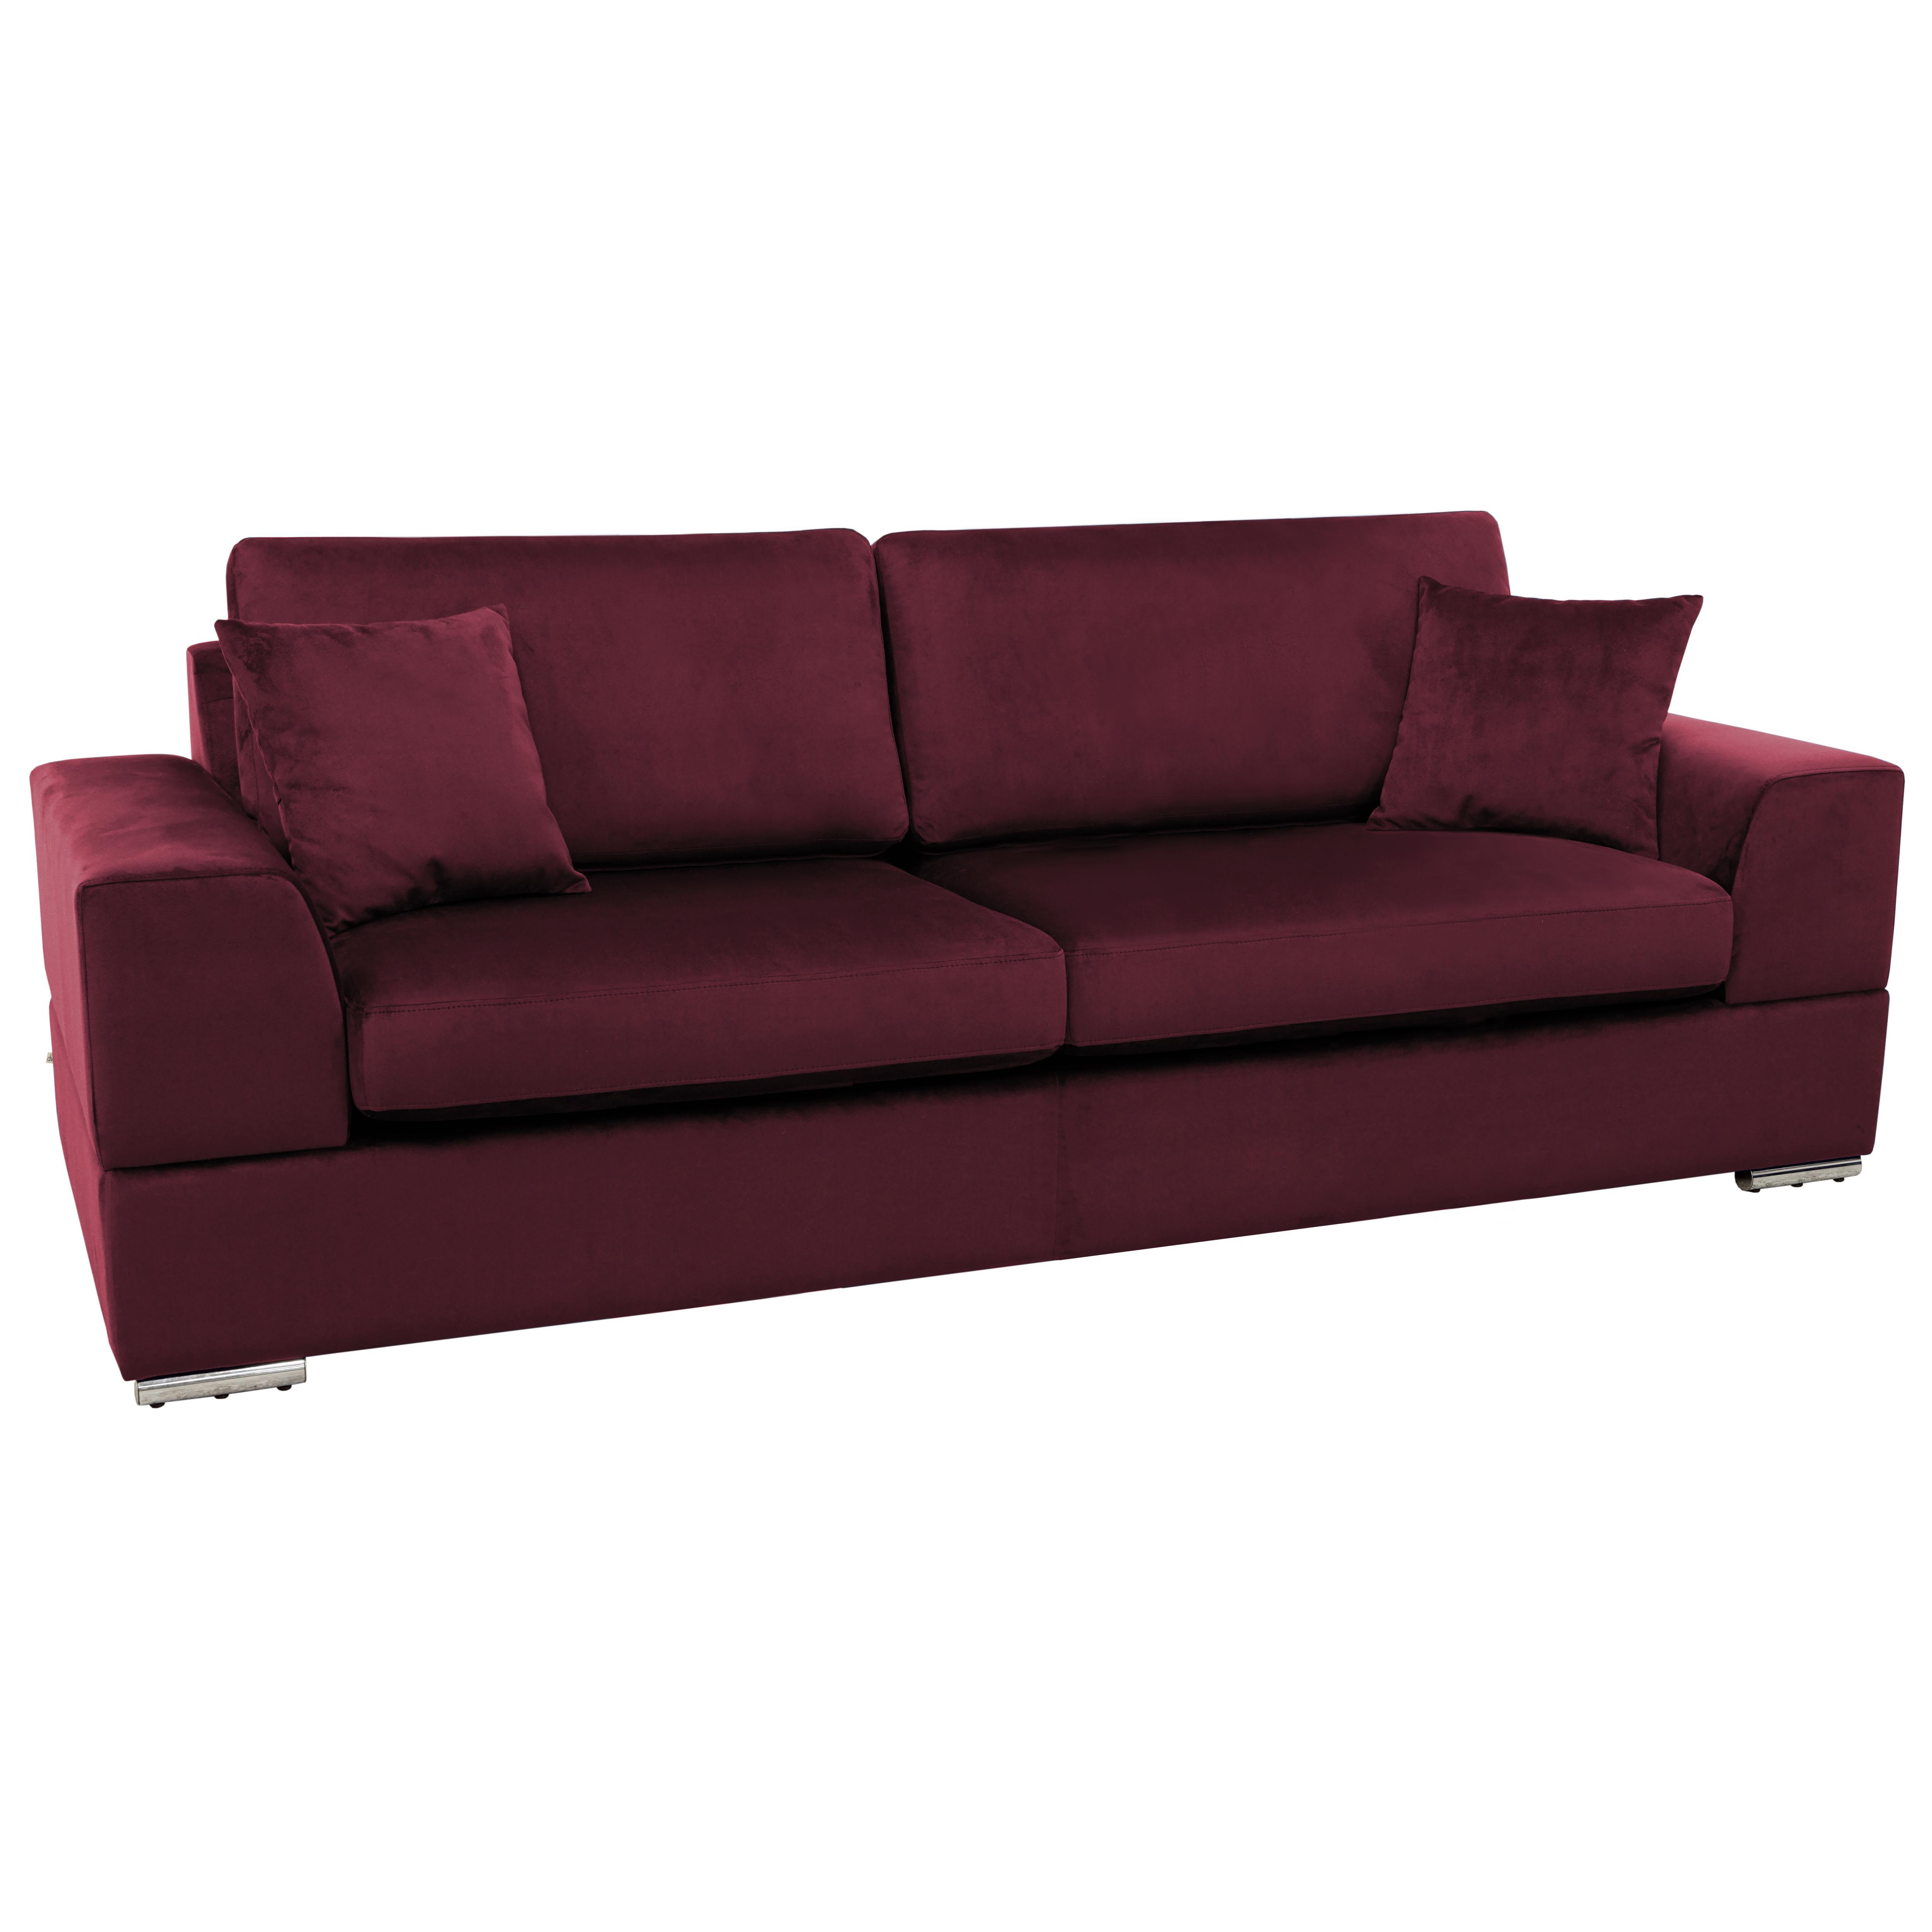 Varenna three seater sofabed alba velvet burgundy